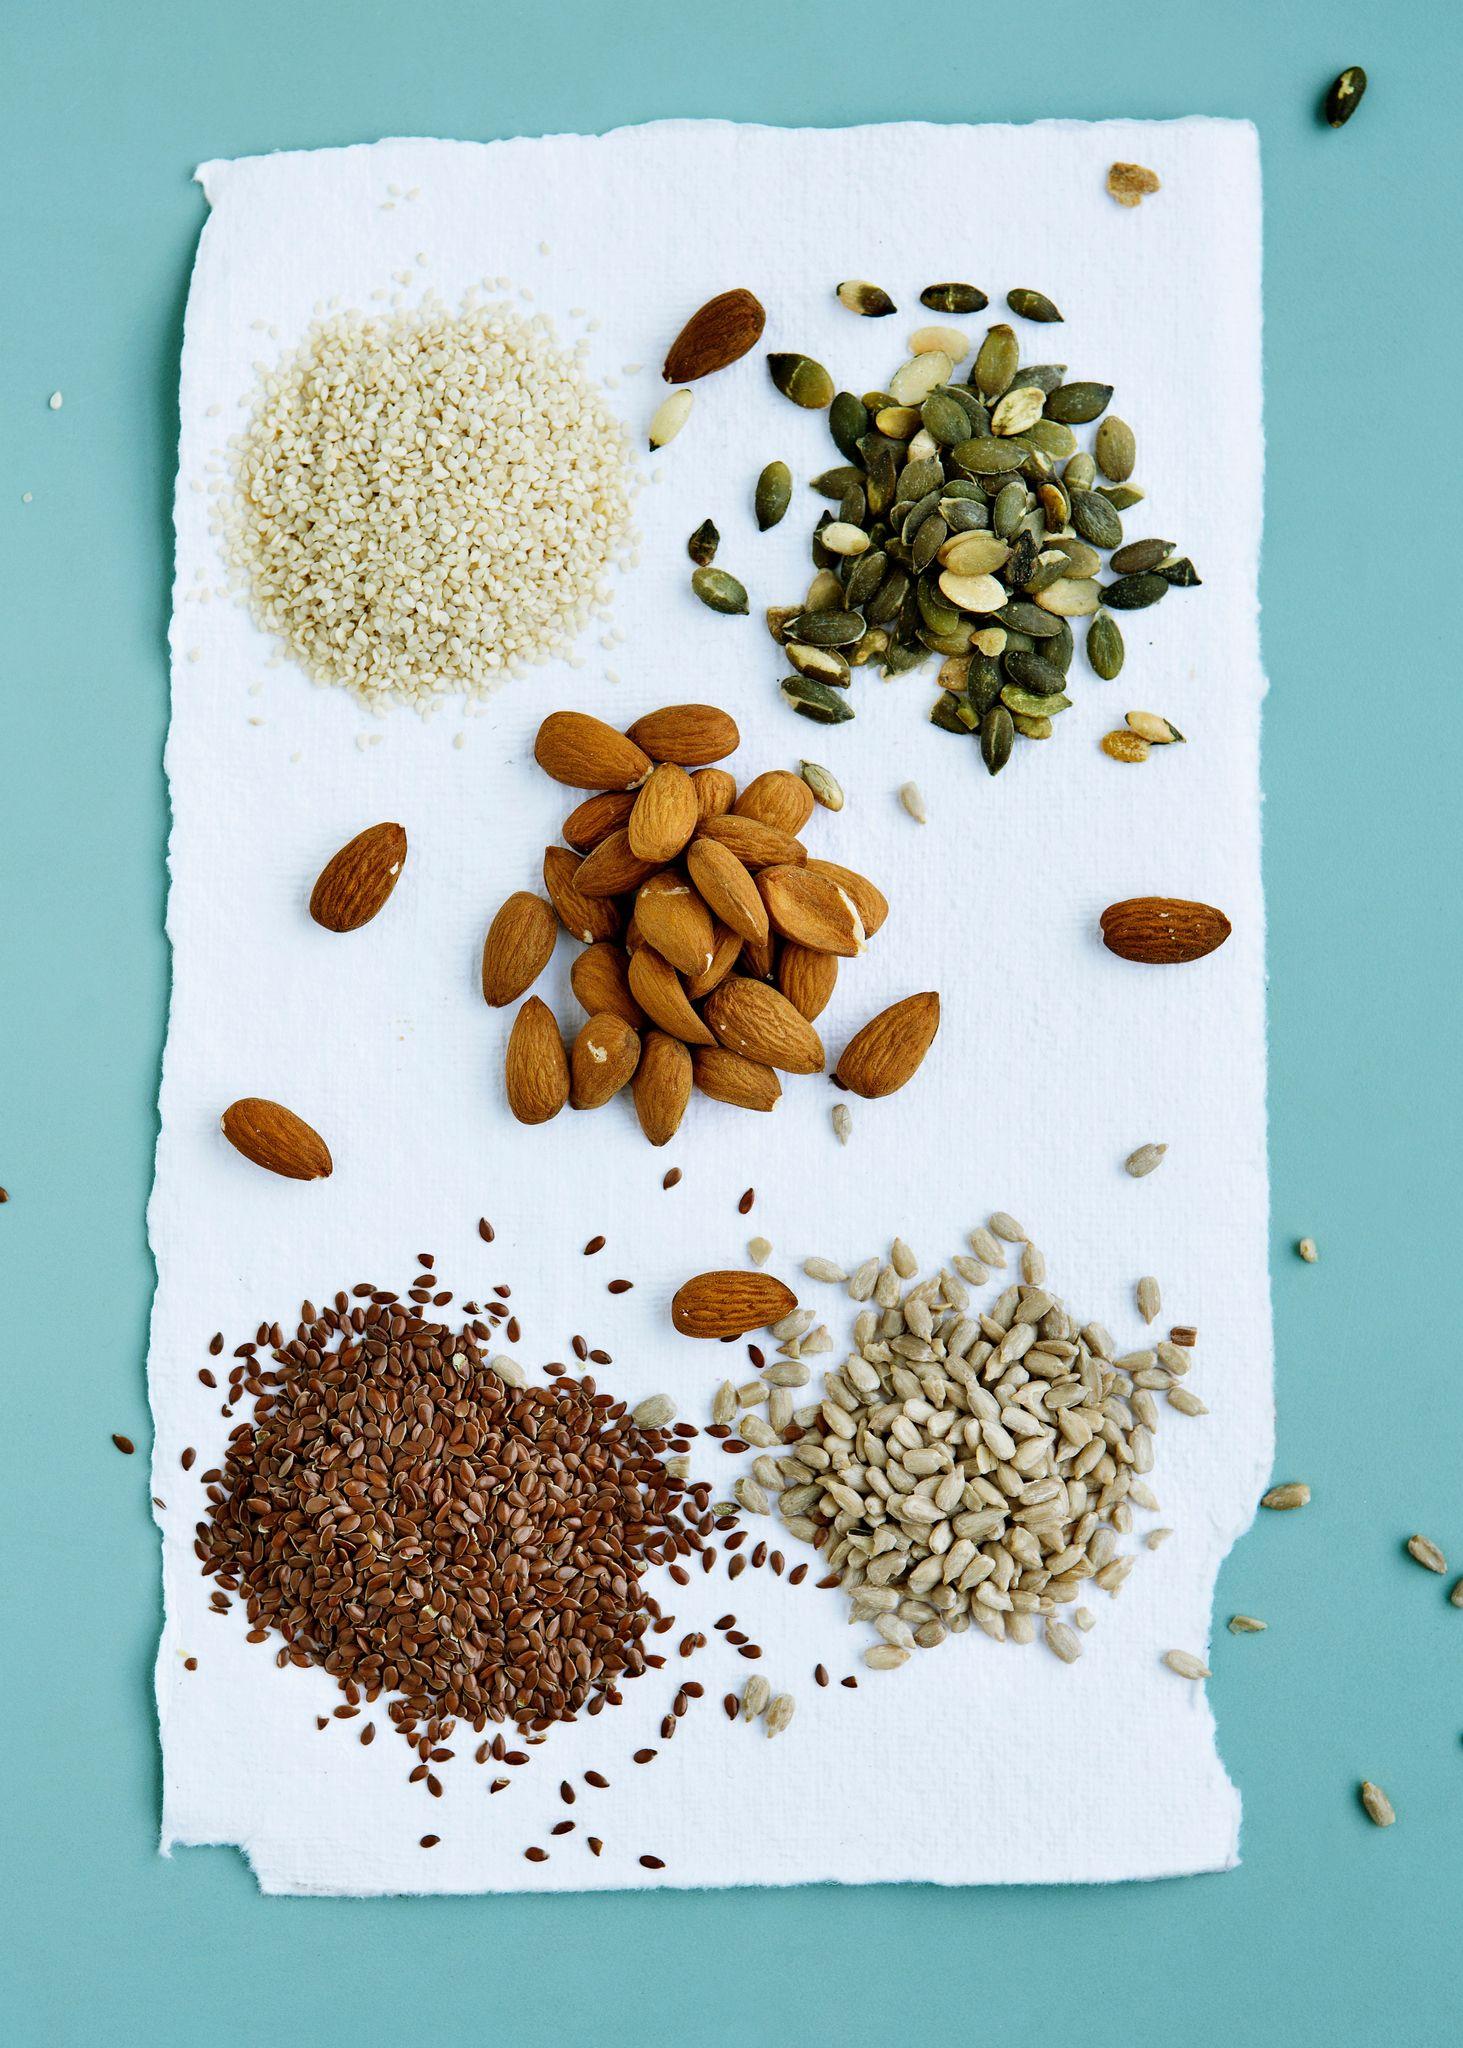 Flax seeds, pumpkin seeds, sunflower seeds and almonds